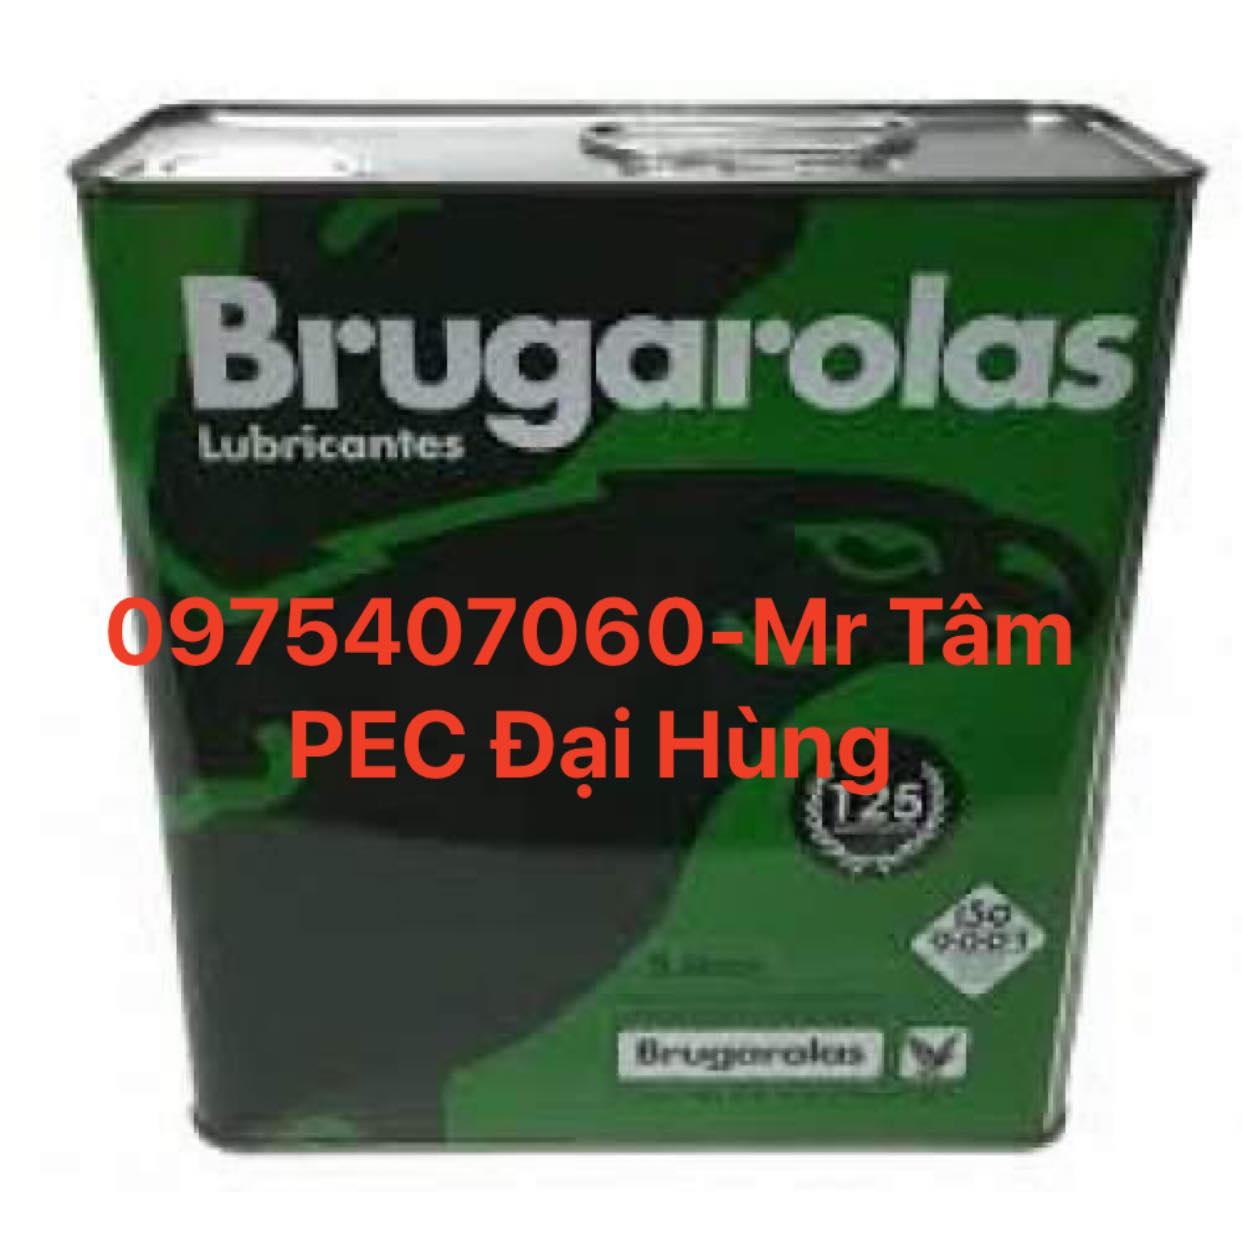 Dầu xích nhiệt độ cao Brugarolas Beslux chain VLTR RT 350